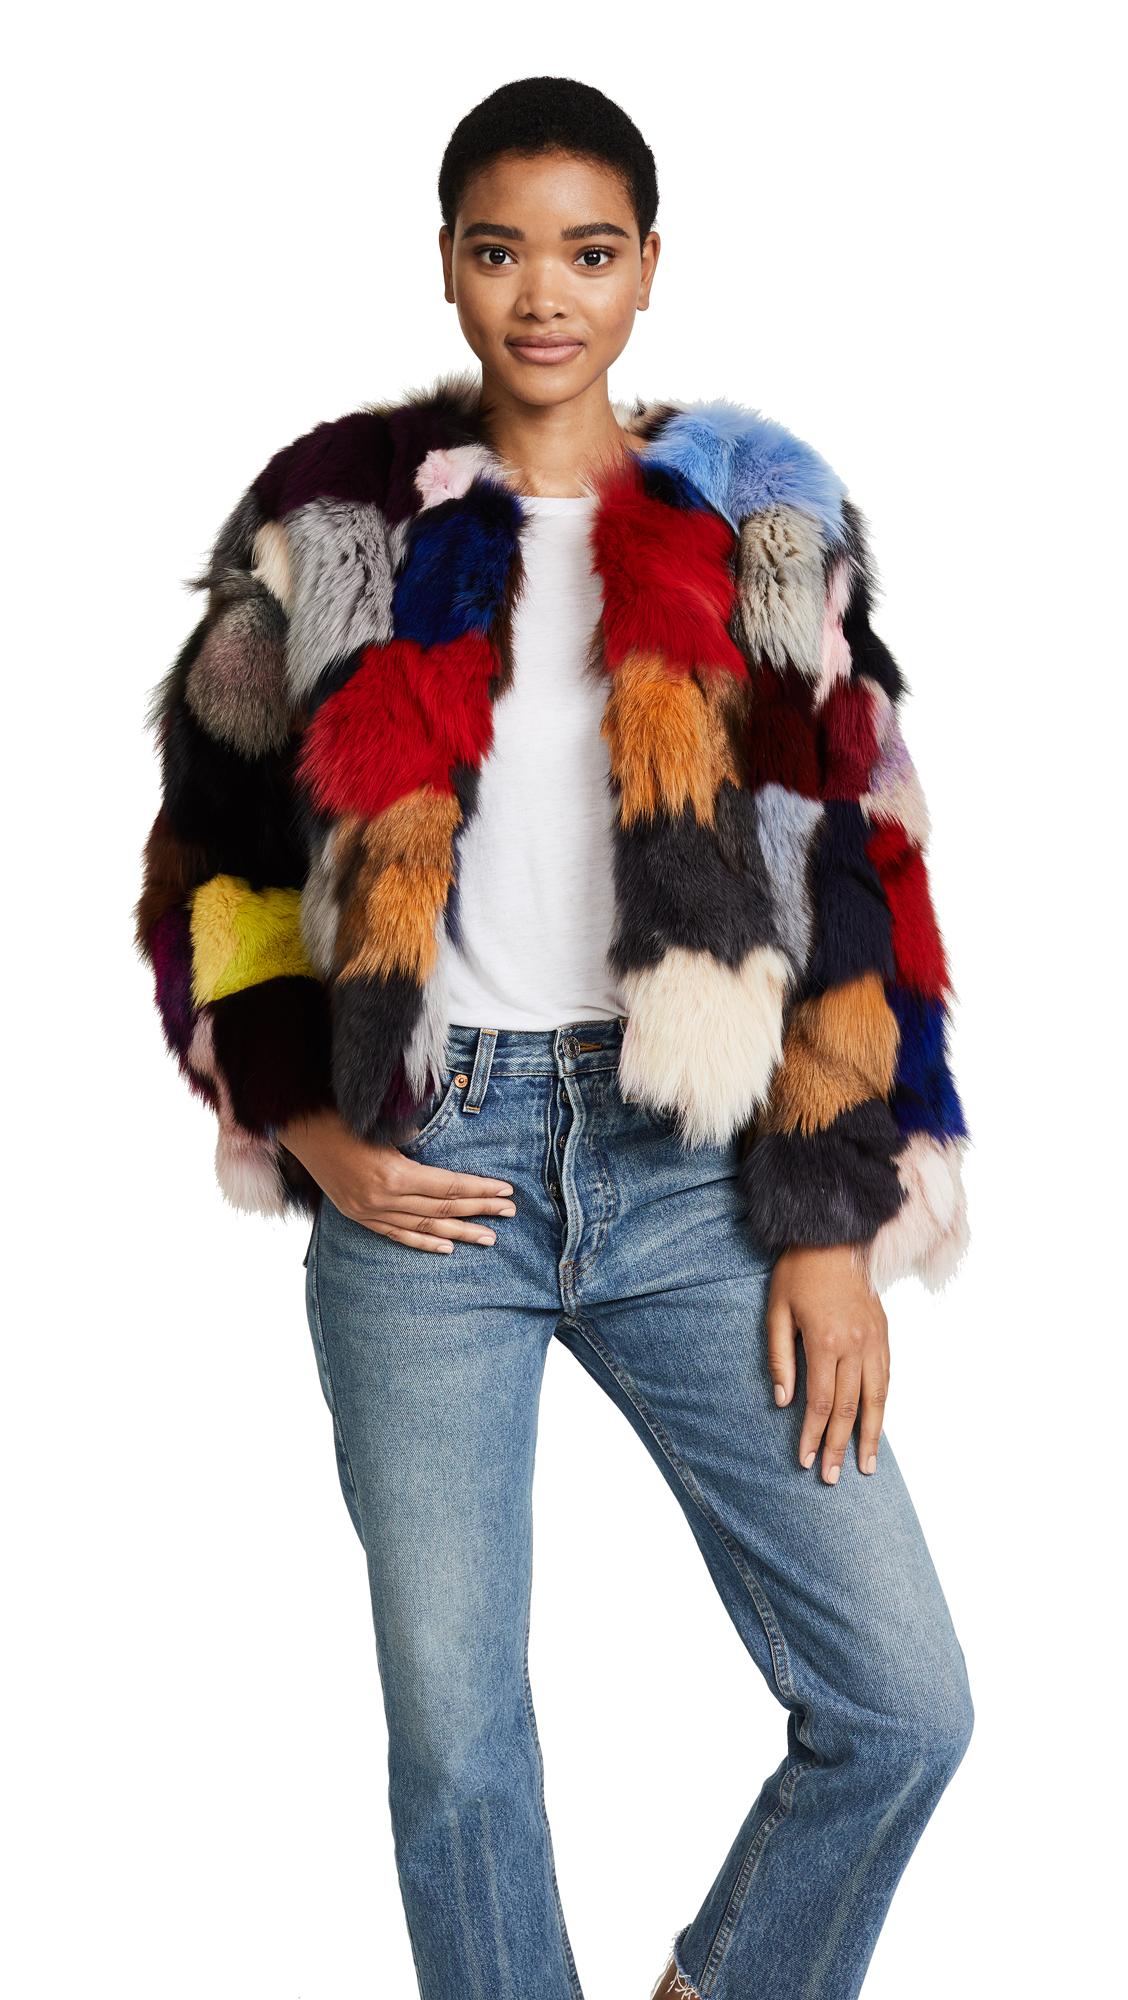 Jocelyn Fox Sections Jacket - Bright Multi